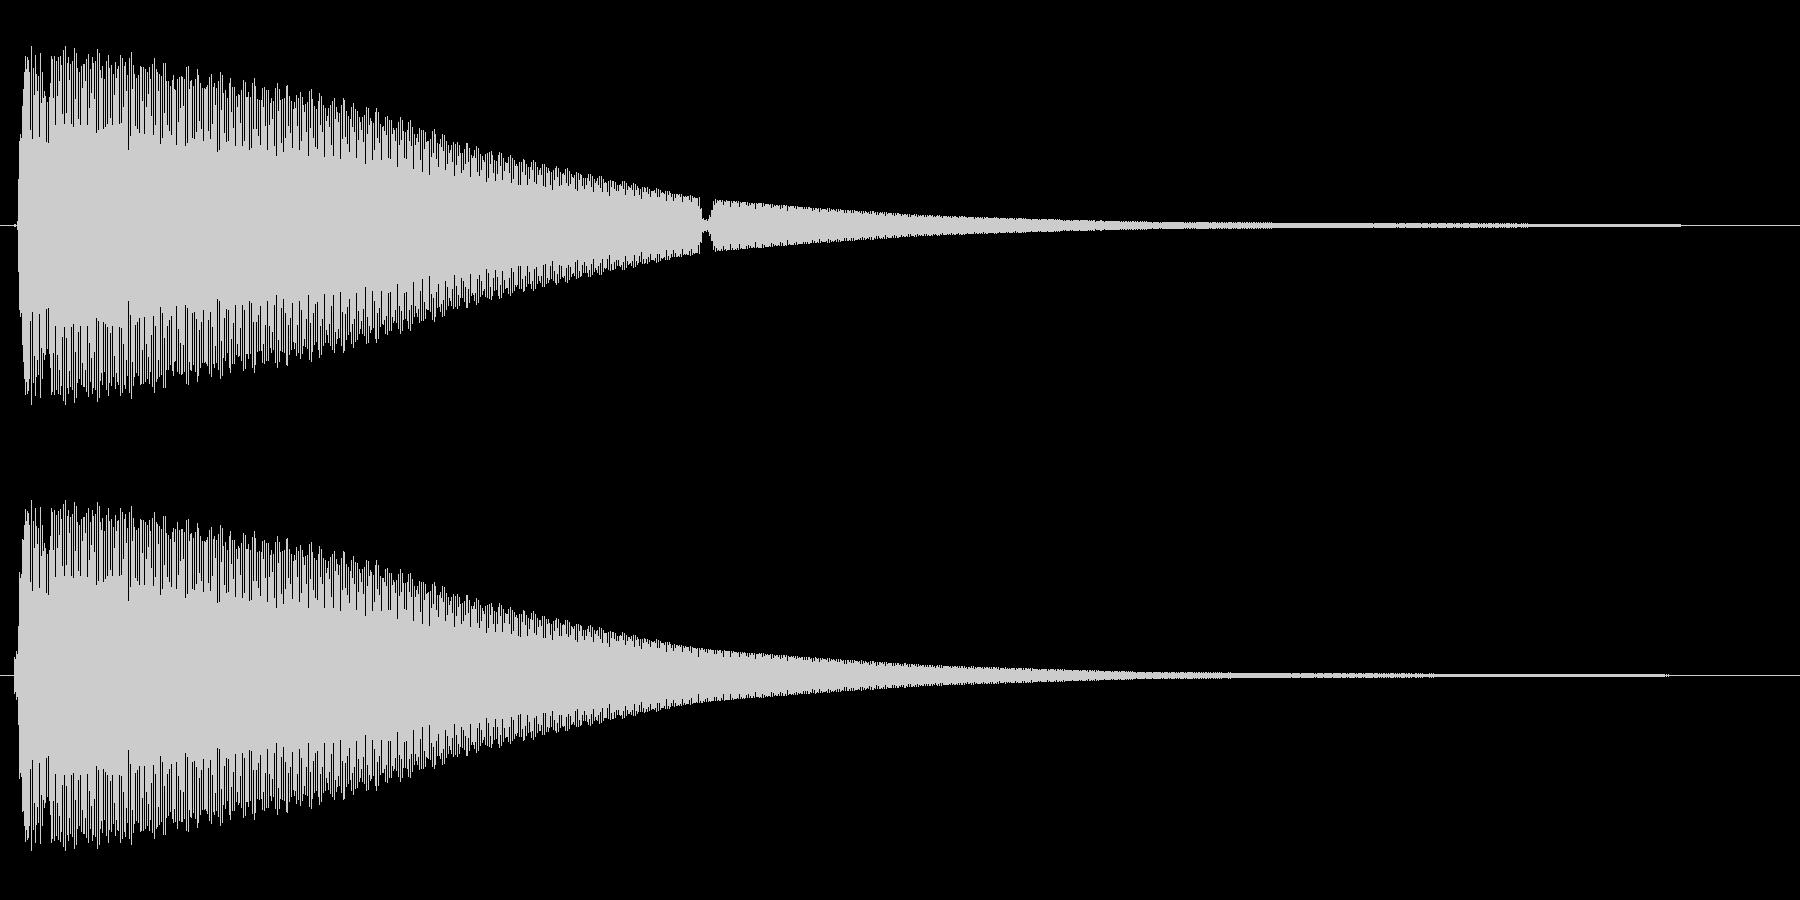 キーン(金属を叩いたような音)の未再生の波形